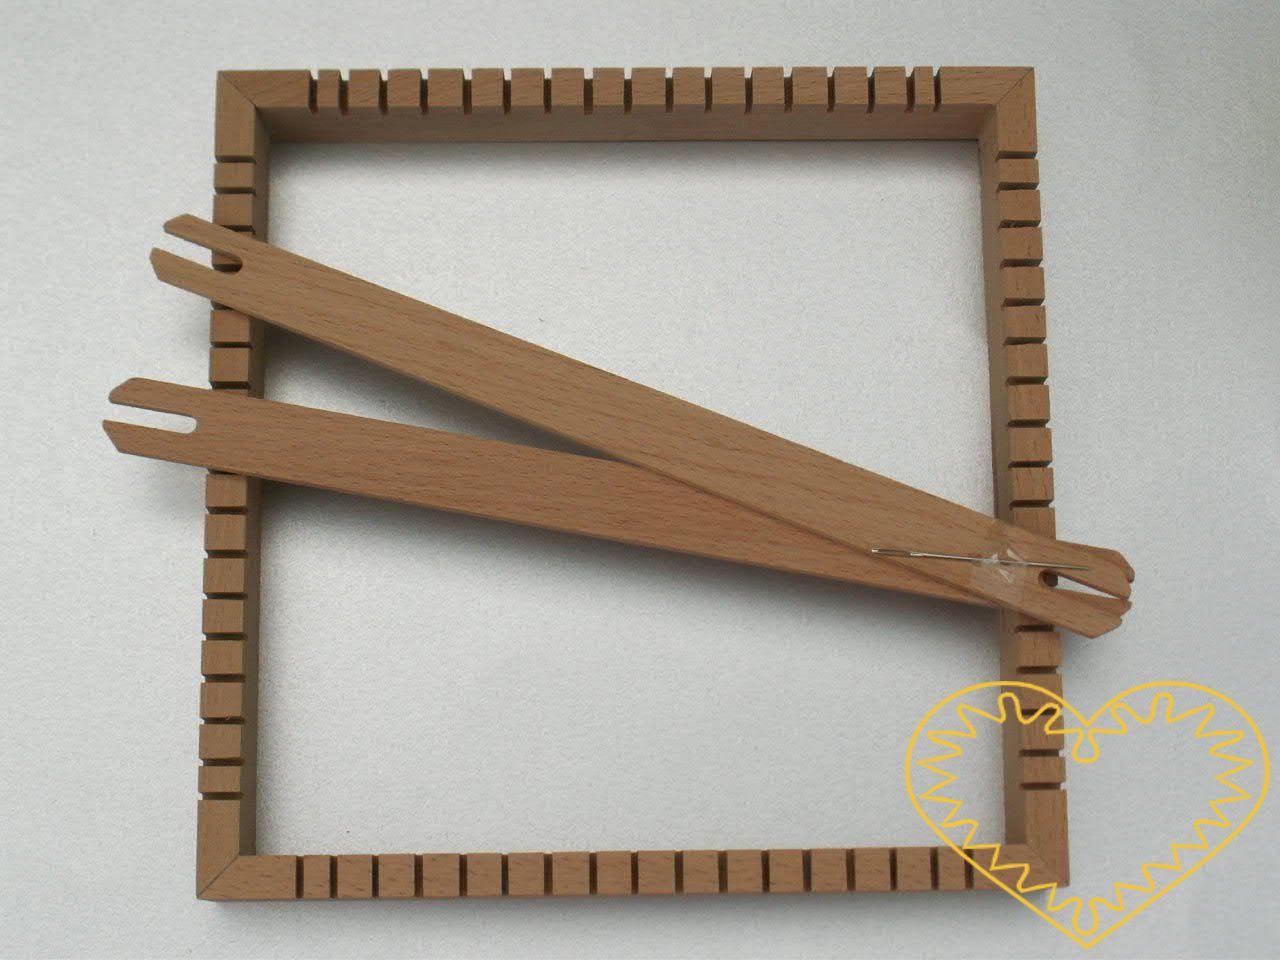 Dřevěný tkací rám velikosti 23 x 23 cm s dvěma člunky. Pracuje se na něm tak, že si natáhnete paprskovitě osnovu, kterou pak můžete dokola vytkávat (podobně jako pavučinu). Rám je vhodný pro tvoření dětí i dospělých.